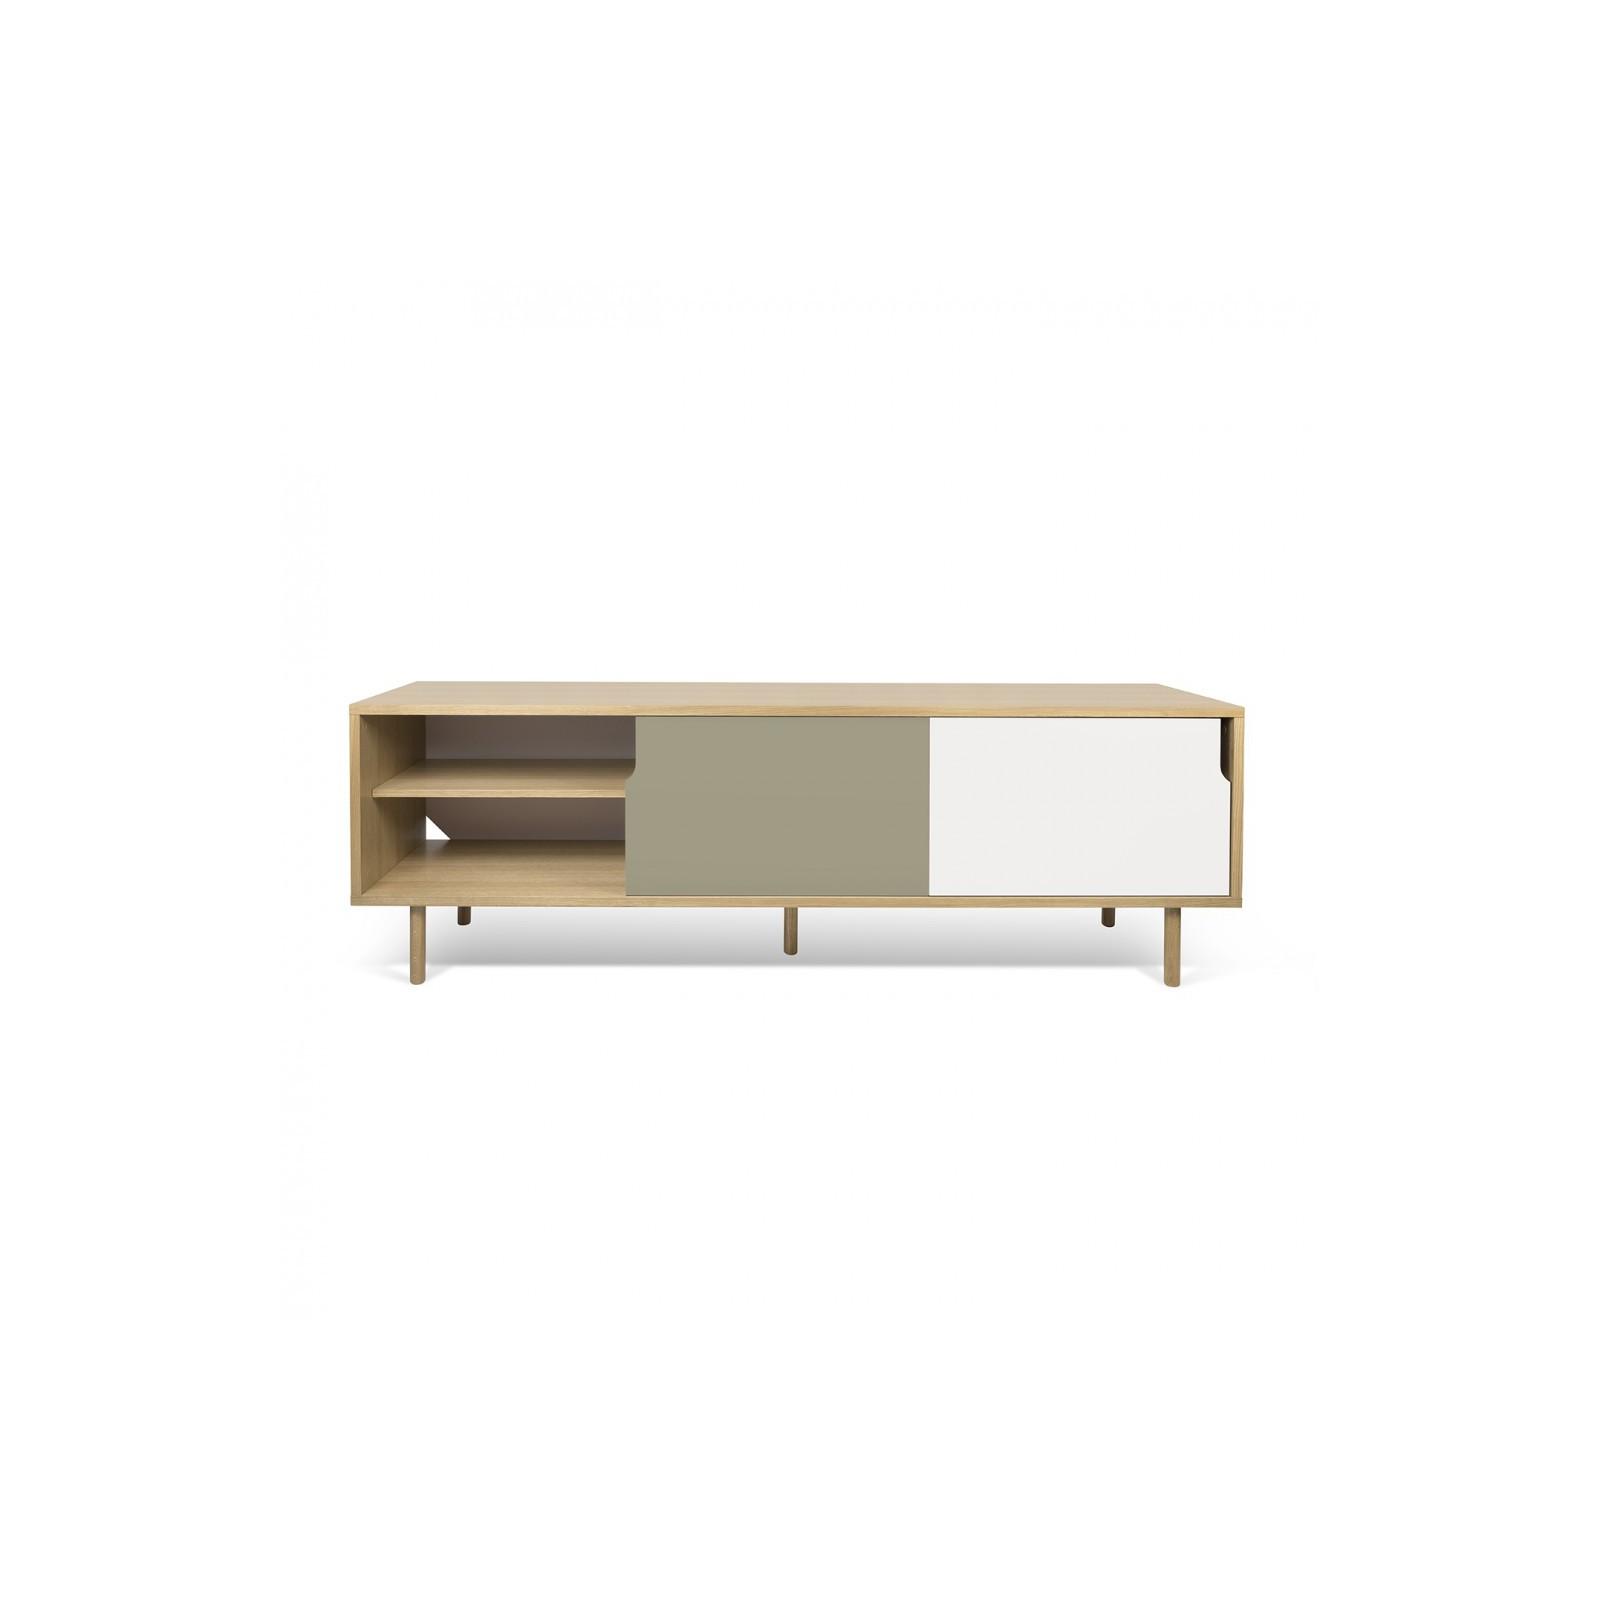 Meuble Tv Danois Gris Blanc Et Bois Arne Concept # Meuble Tv Beige Gris